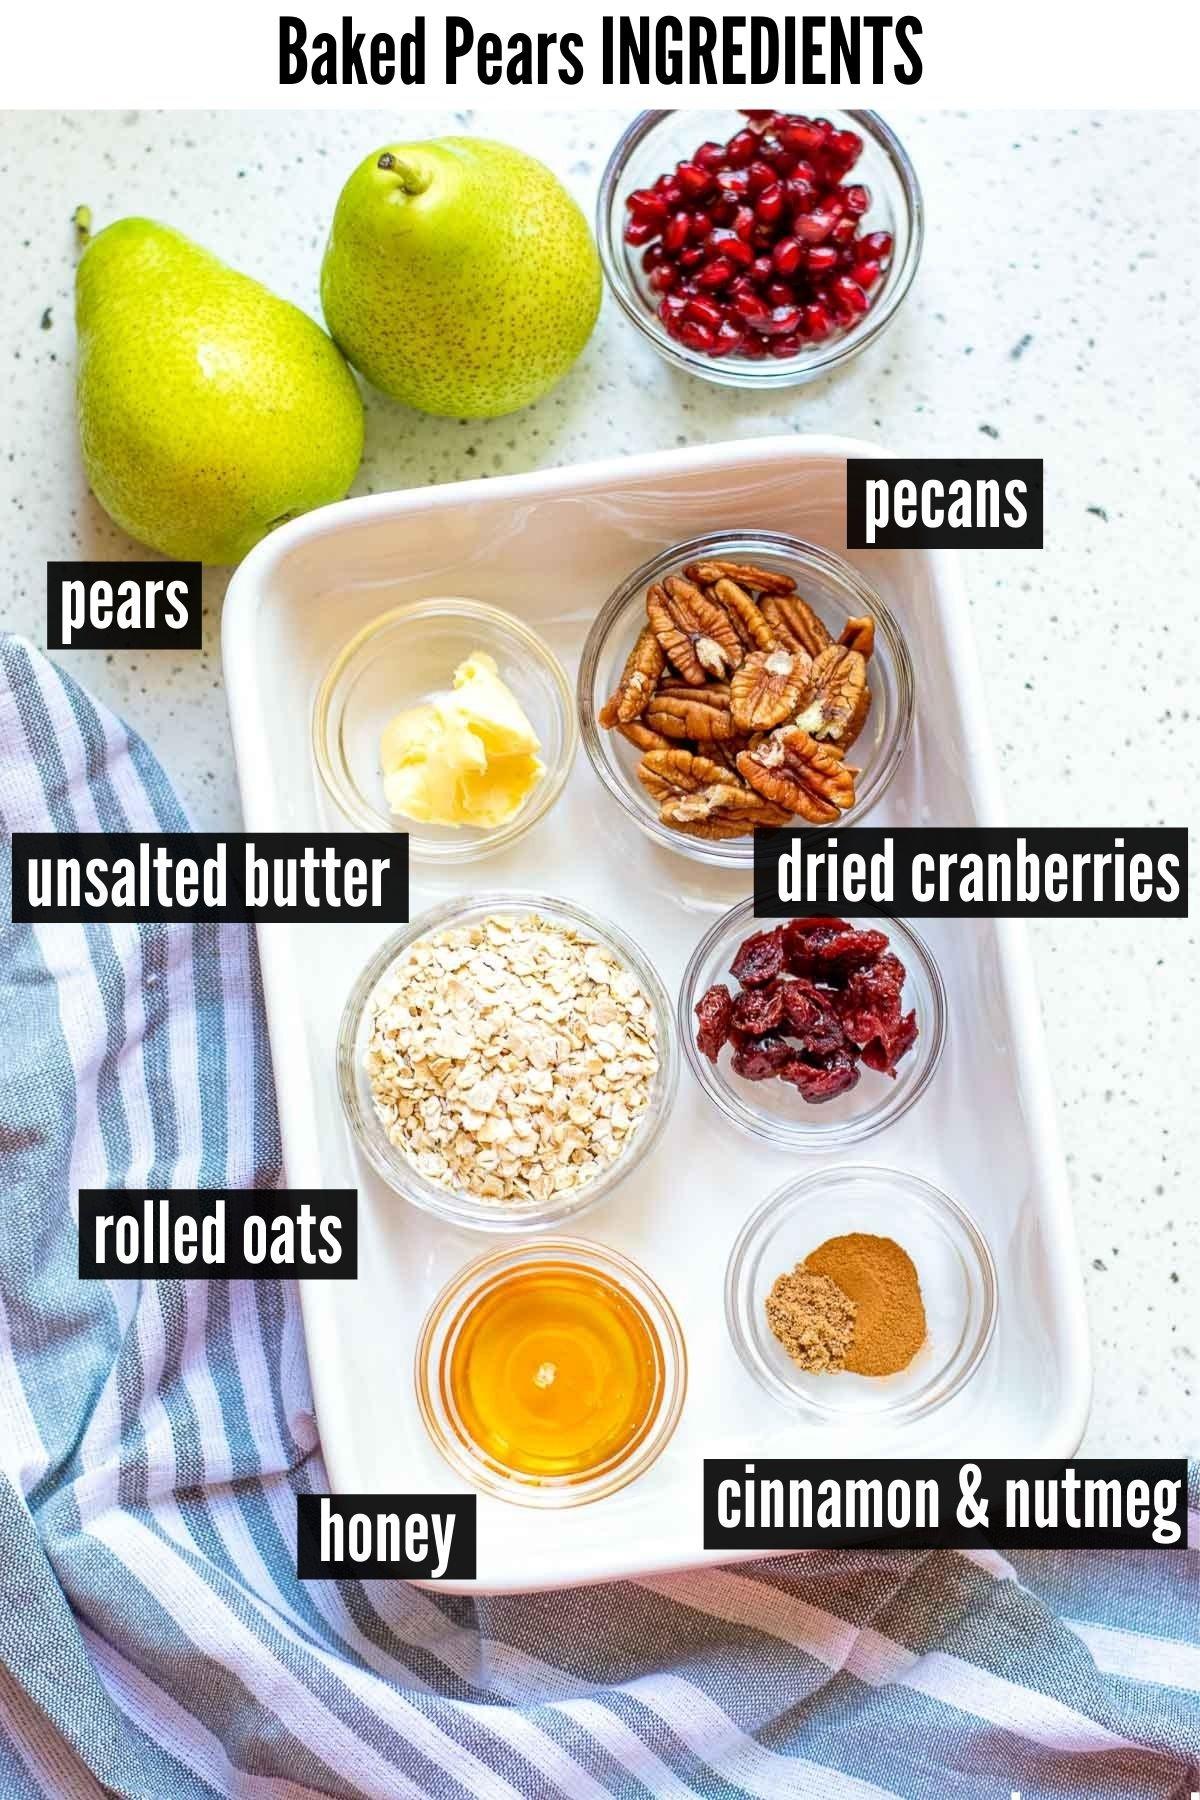 baked pears ingredients